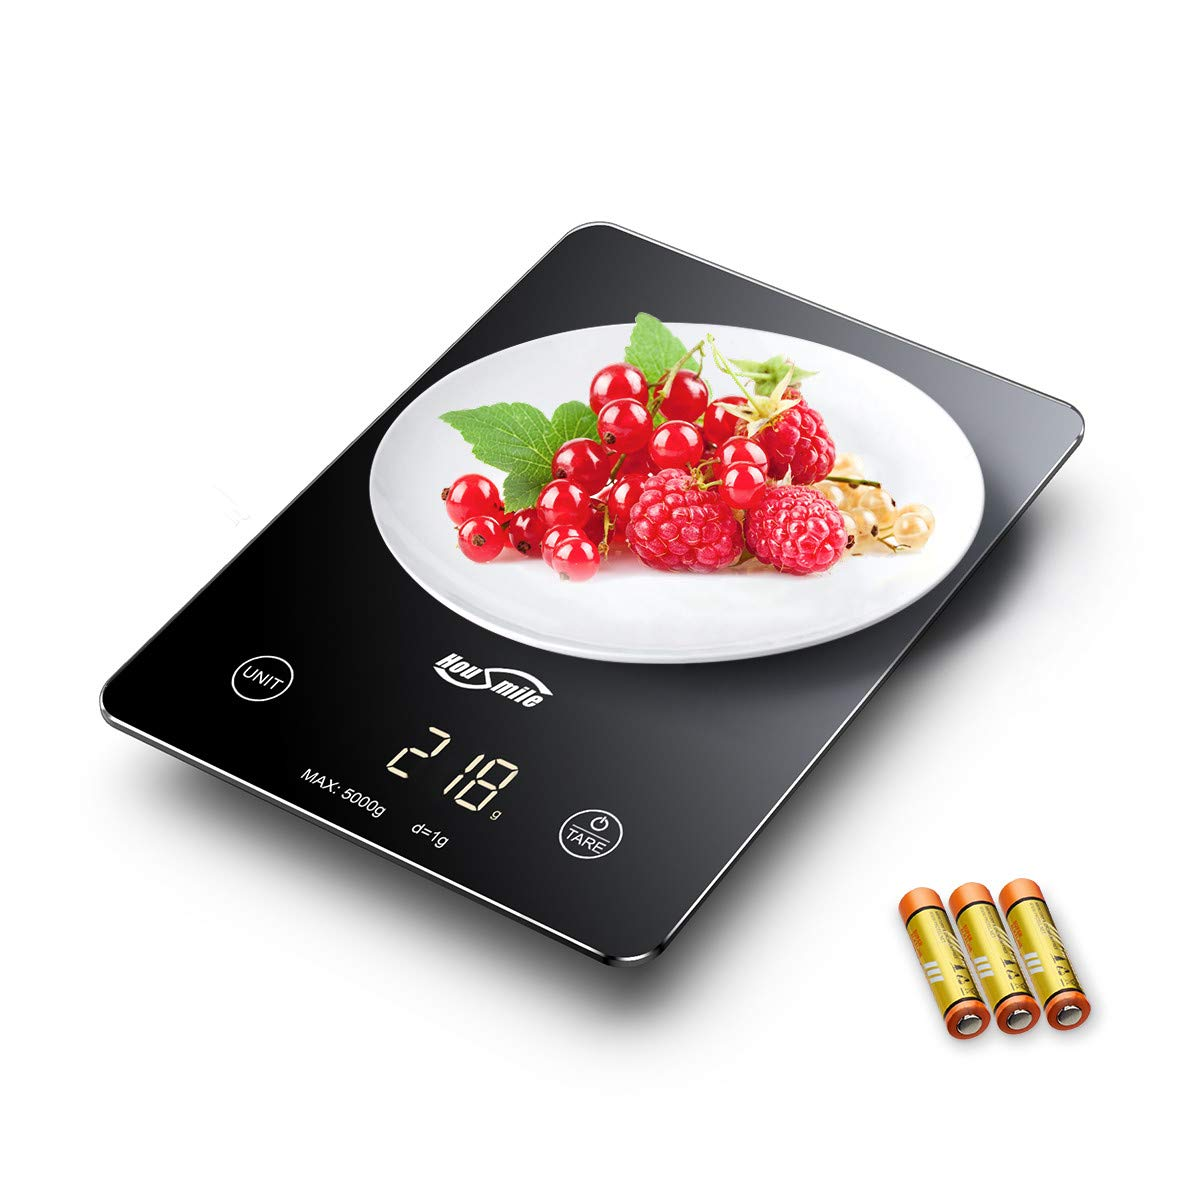 Housmile Balance Numérique de Cuisine, Balance Alimentaire Tactile Sensible Haute Précision Affichage à Écran LED Piles Fournies Poids Maximum de 5kg, Noir